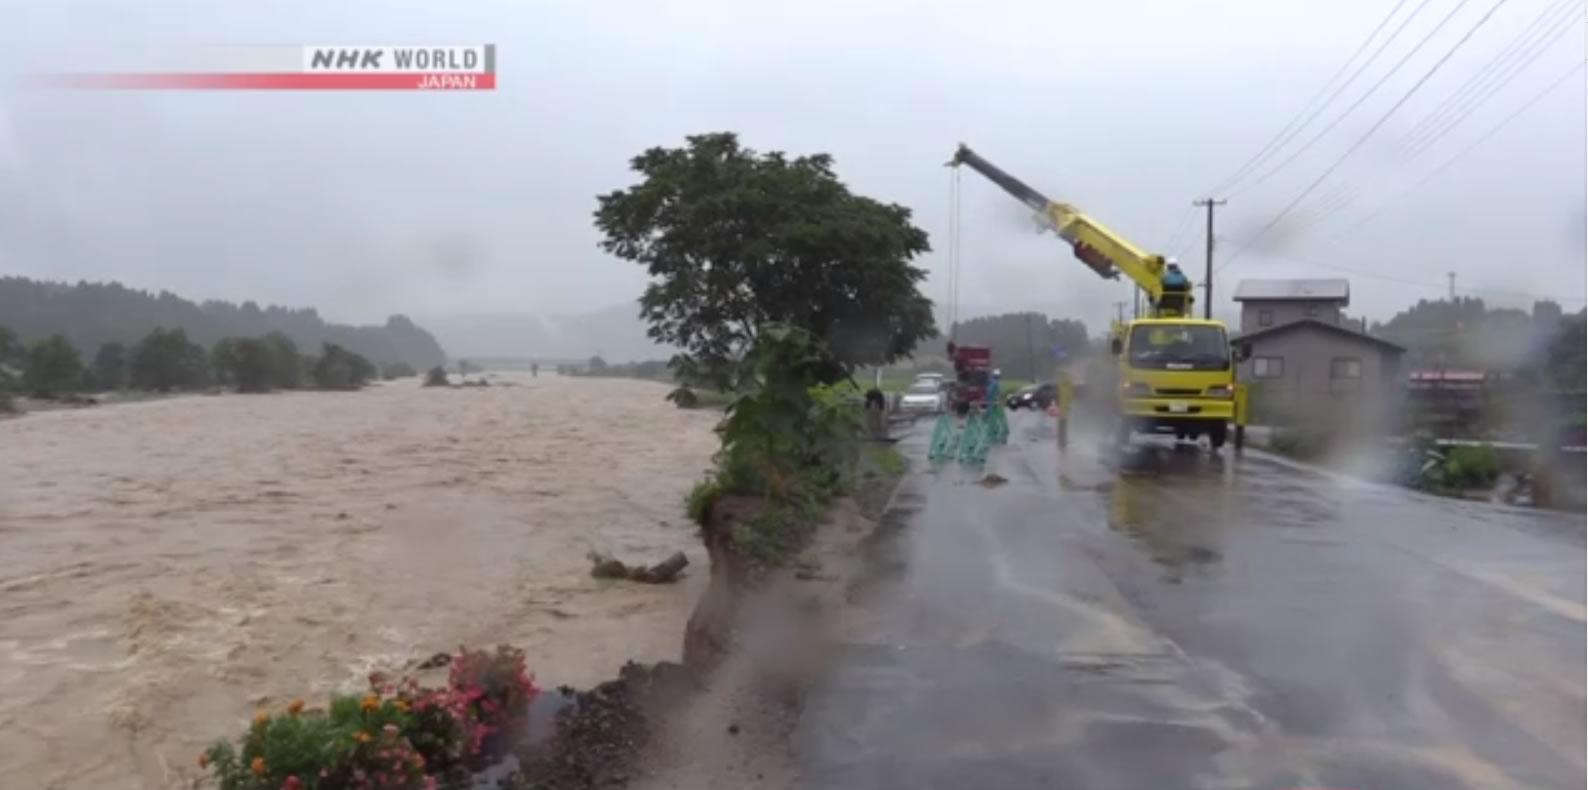 &nbspChuva intensa continua nas regiões central e nordeste do Japão